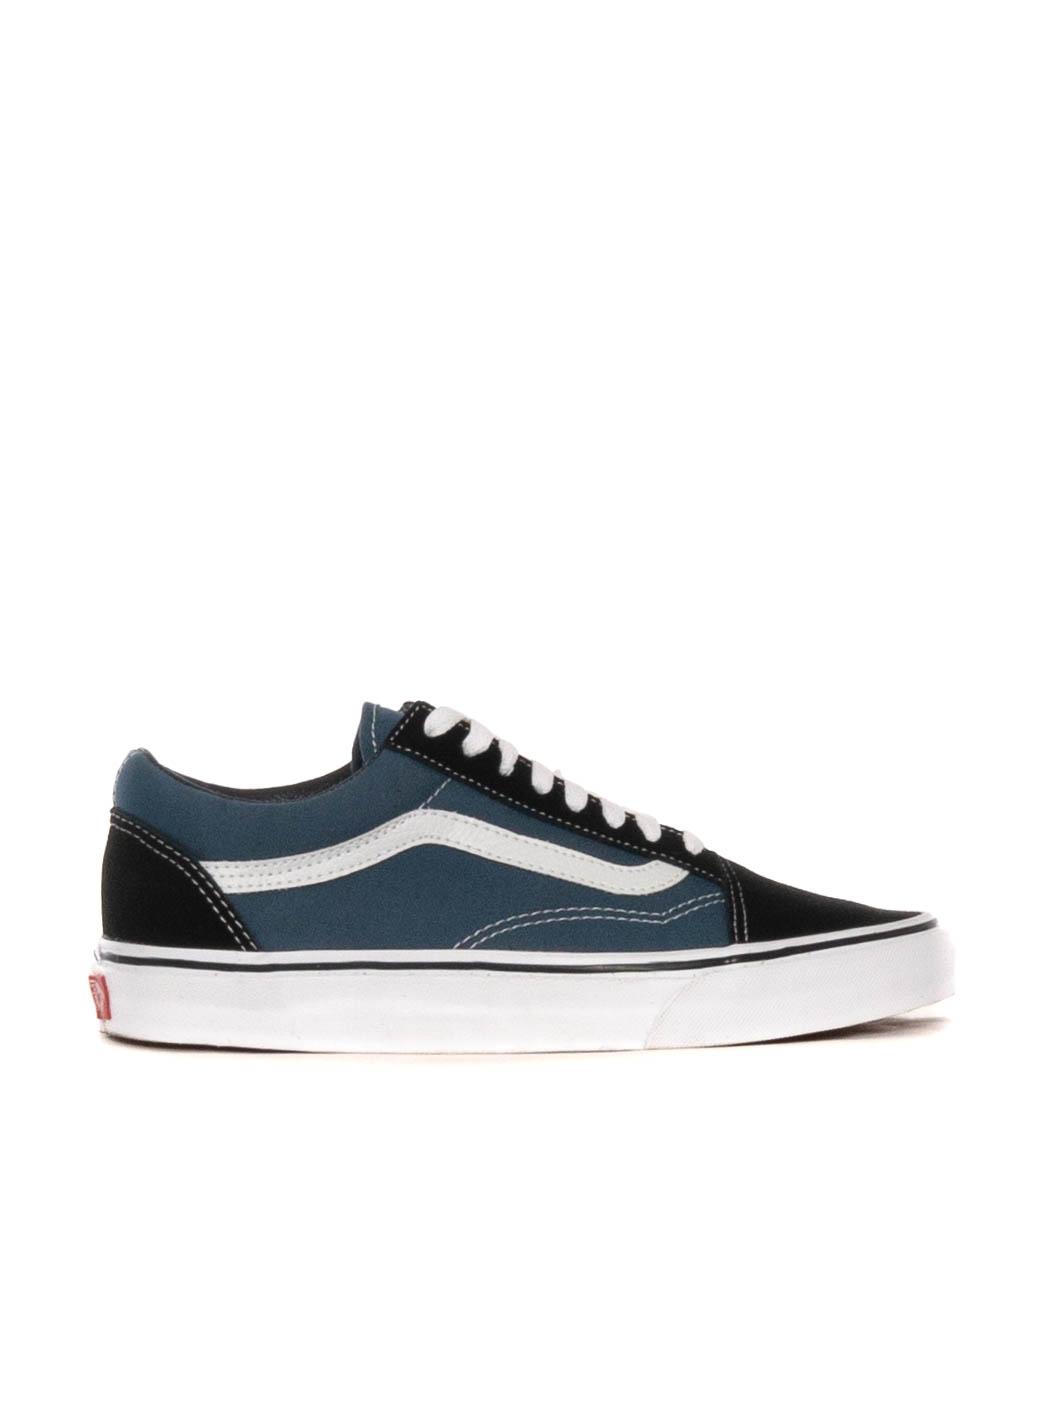 VANS Authentic black Sneaker bei SNIPES bestellen | Vans